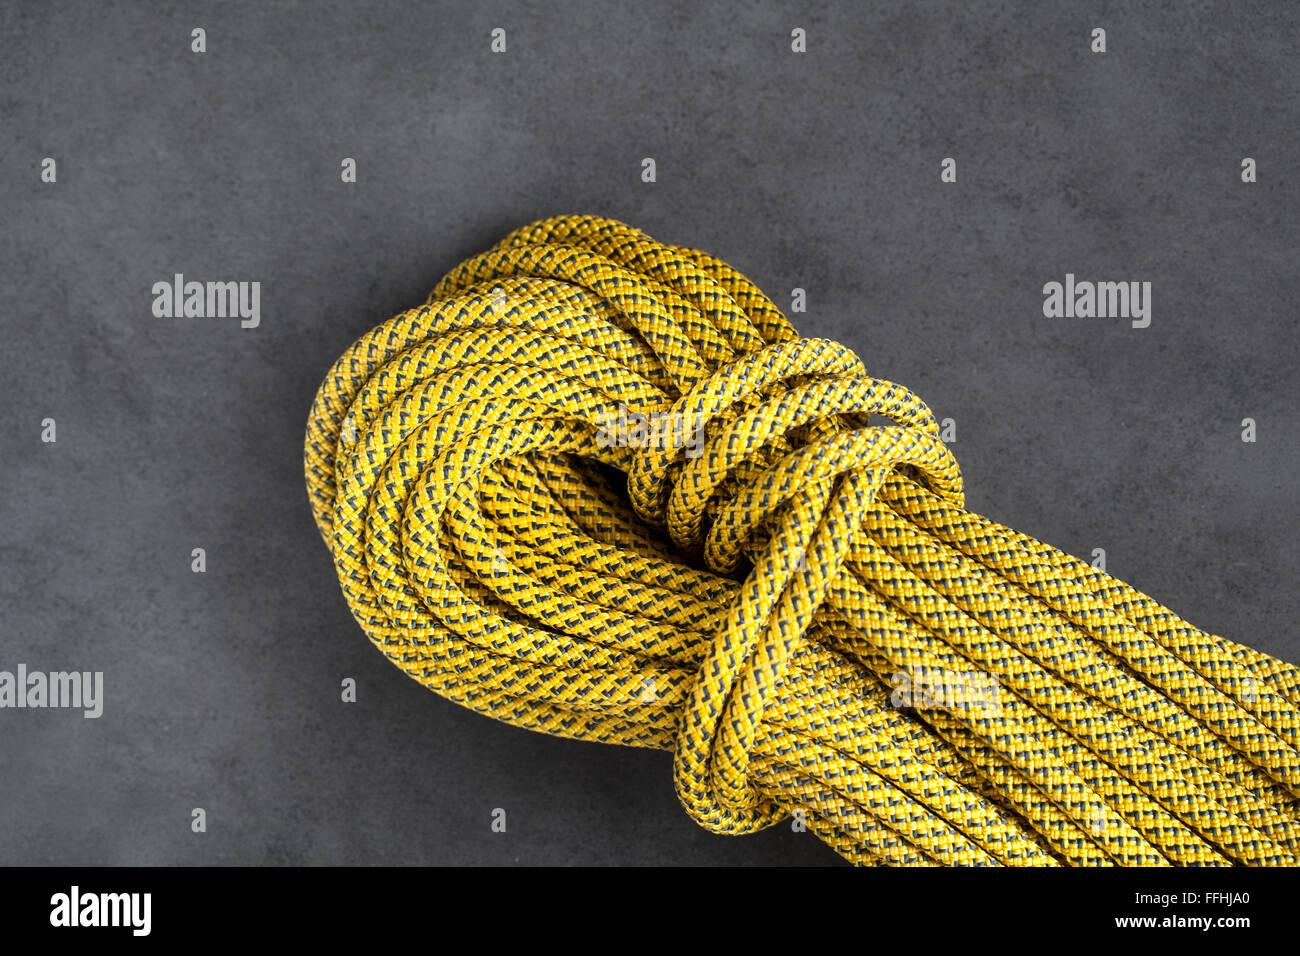 Giallo arrampicata corda dinamica su sfondo scuro Immagini Stock